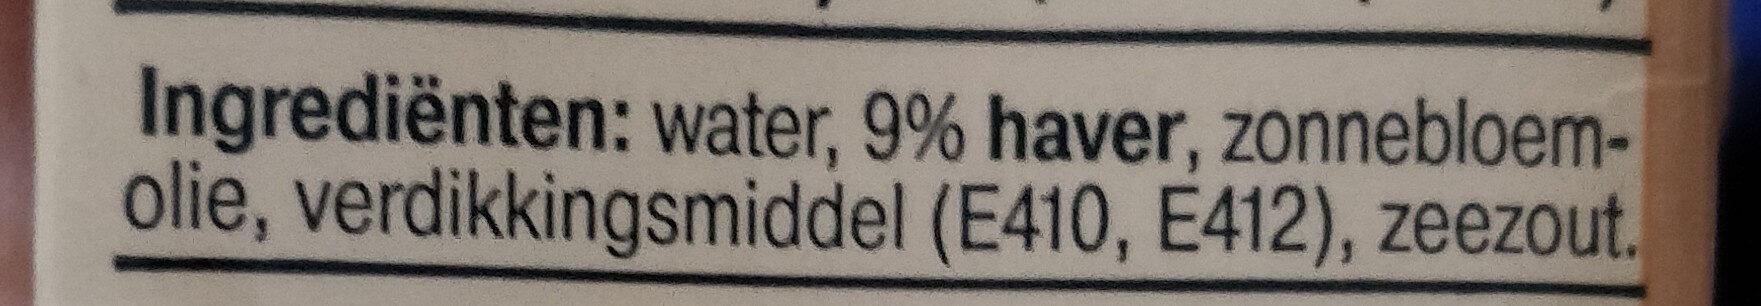 Haver Keuken - Ingredients - nl